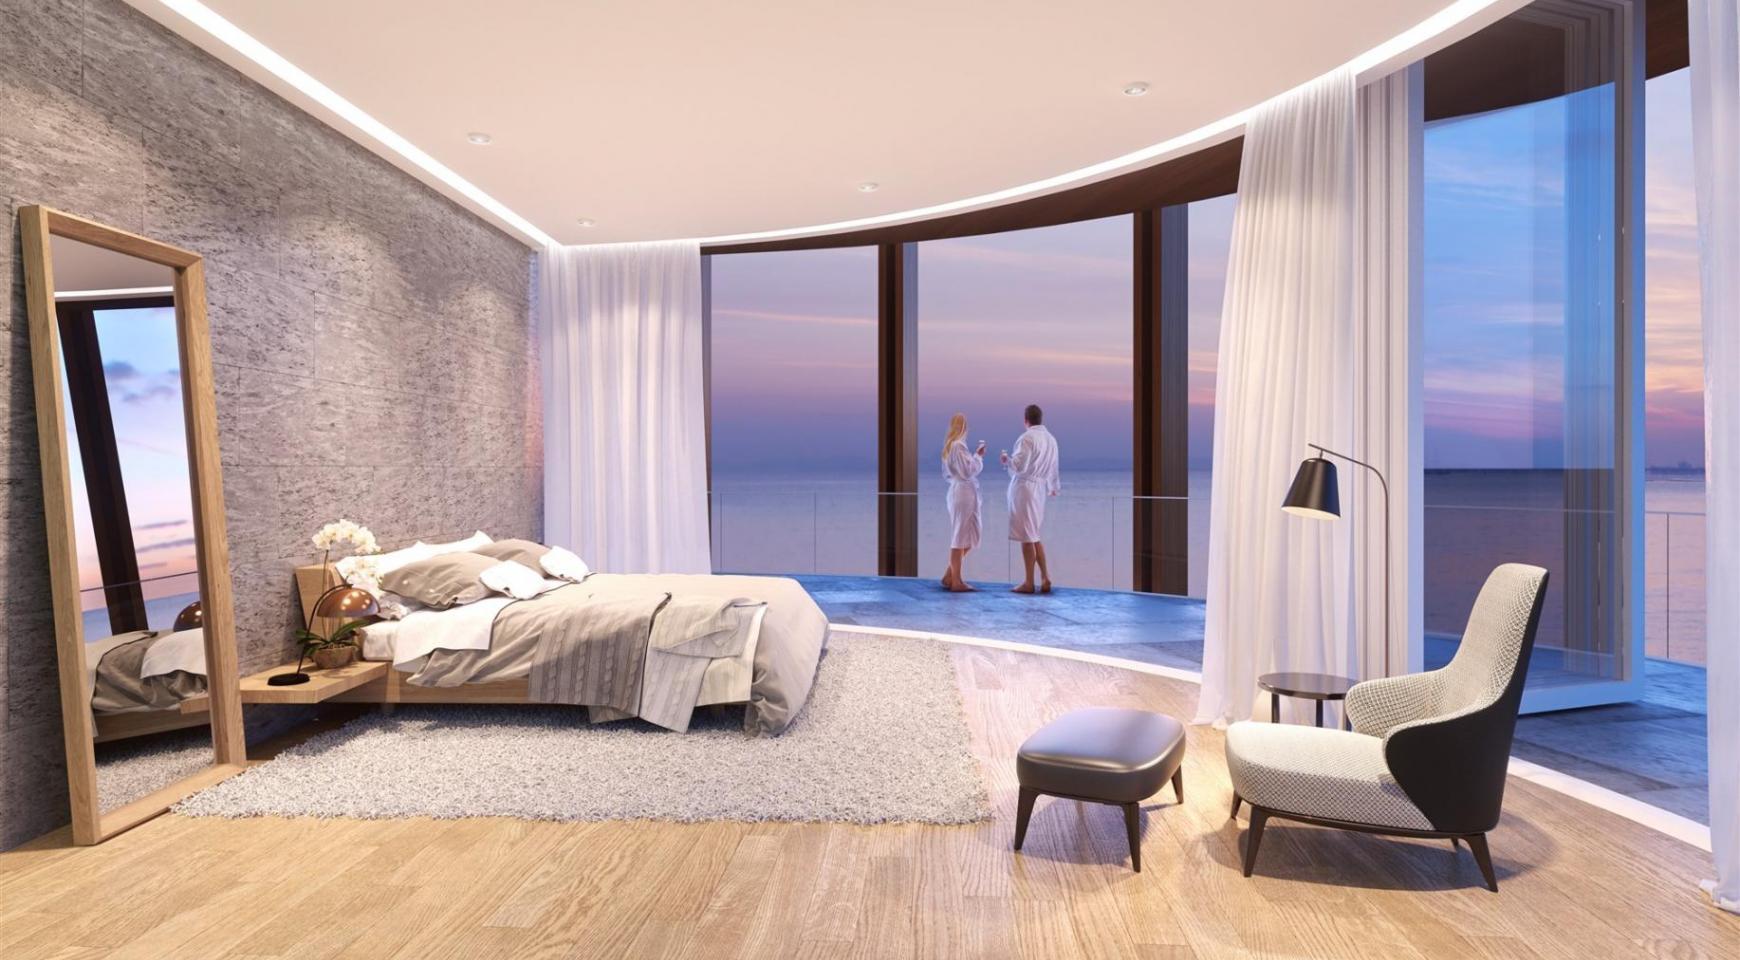 4-Спальная Квартира в Экслюзивном Проекте у Моря - 20